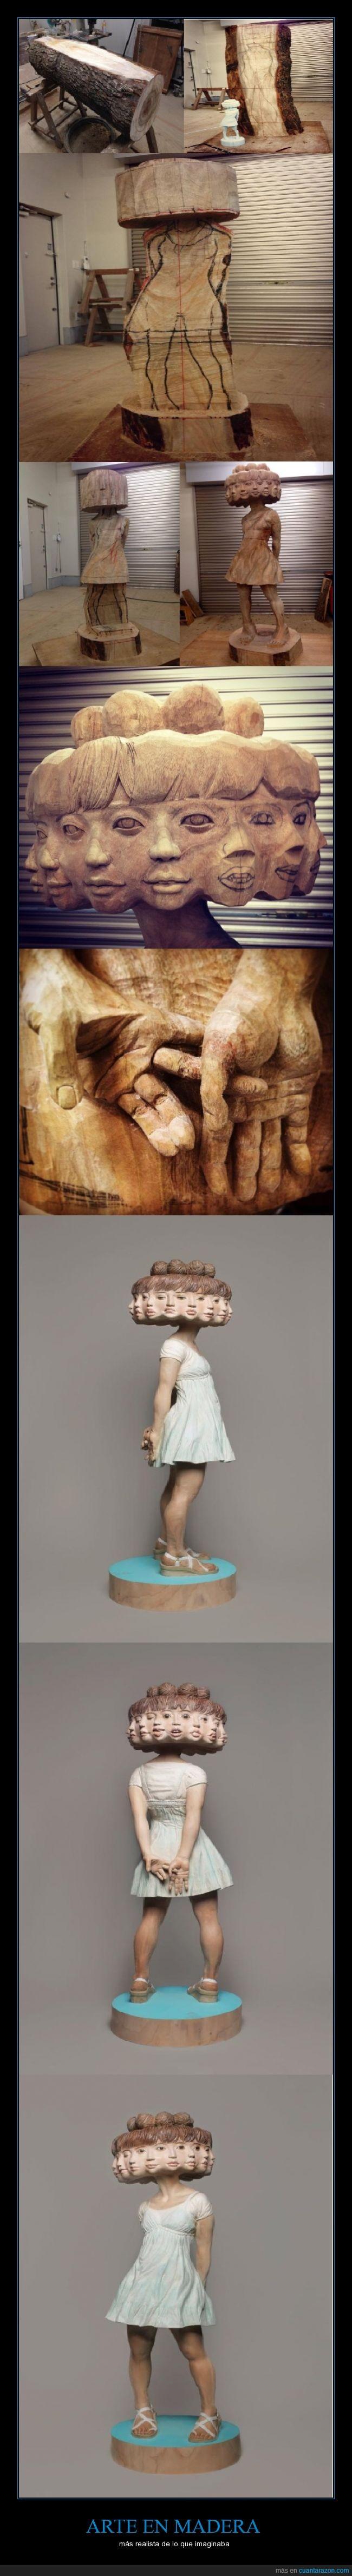 chica,ebanistas,esculpir,escultura,madera,realismo